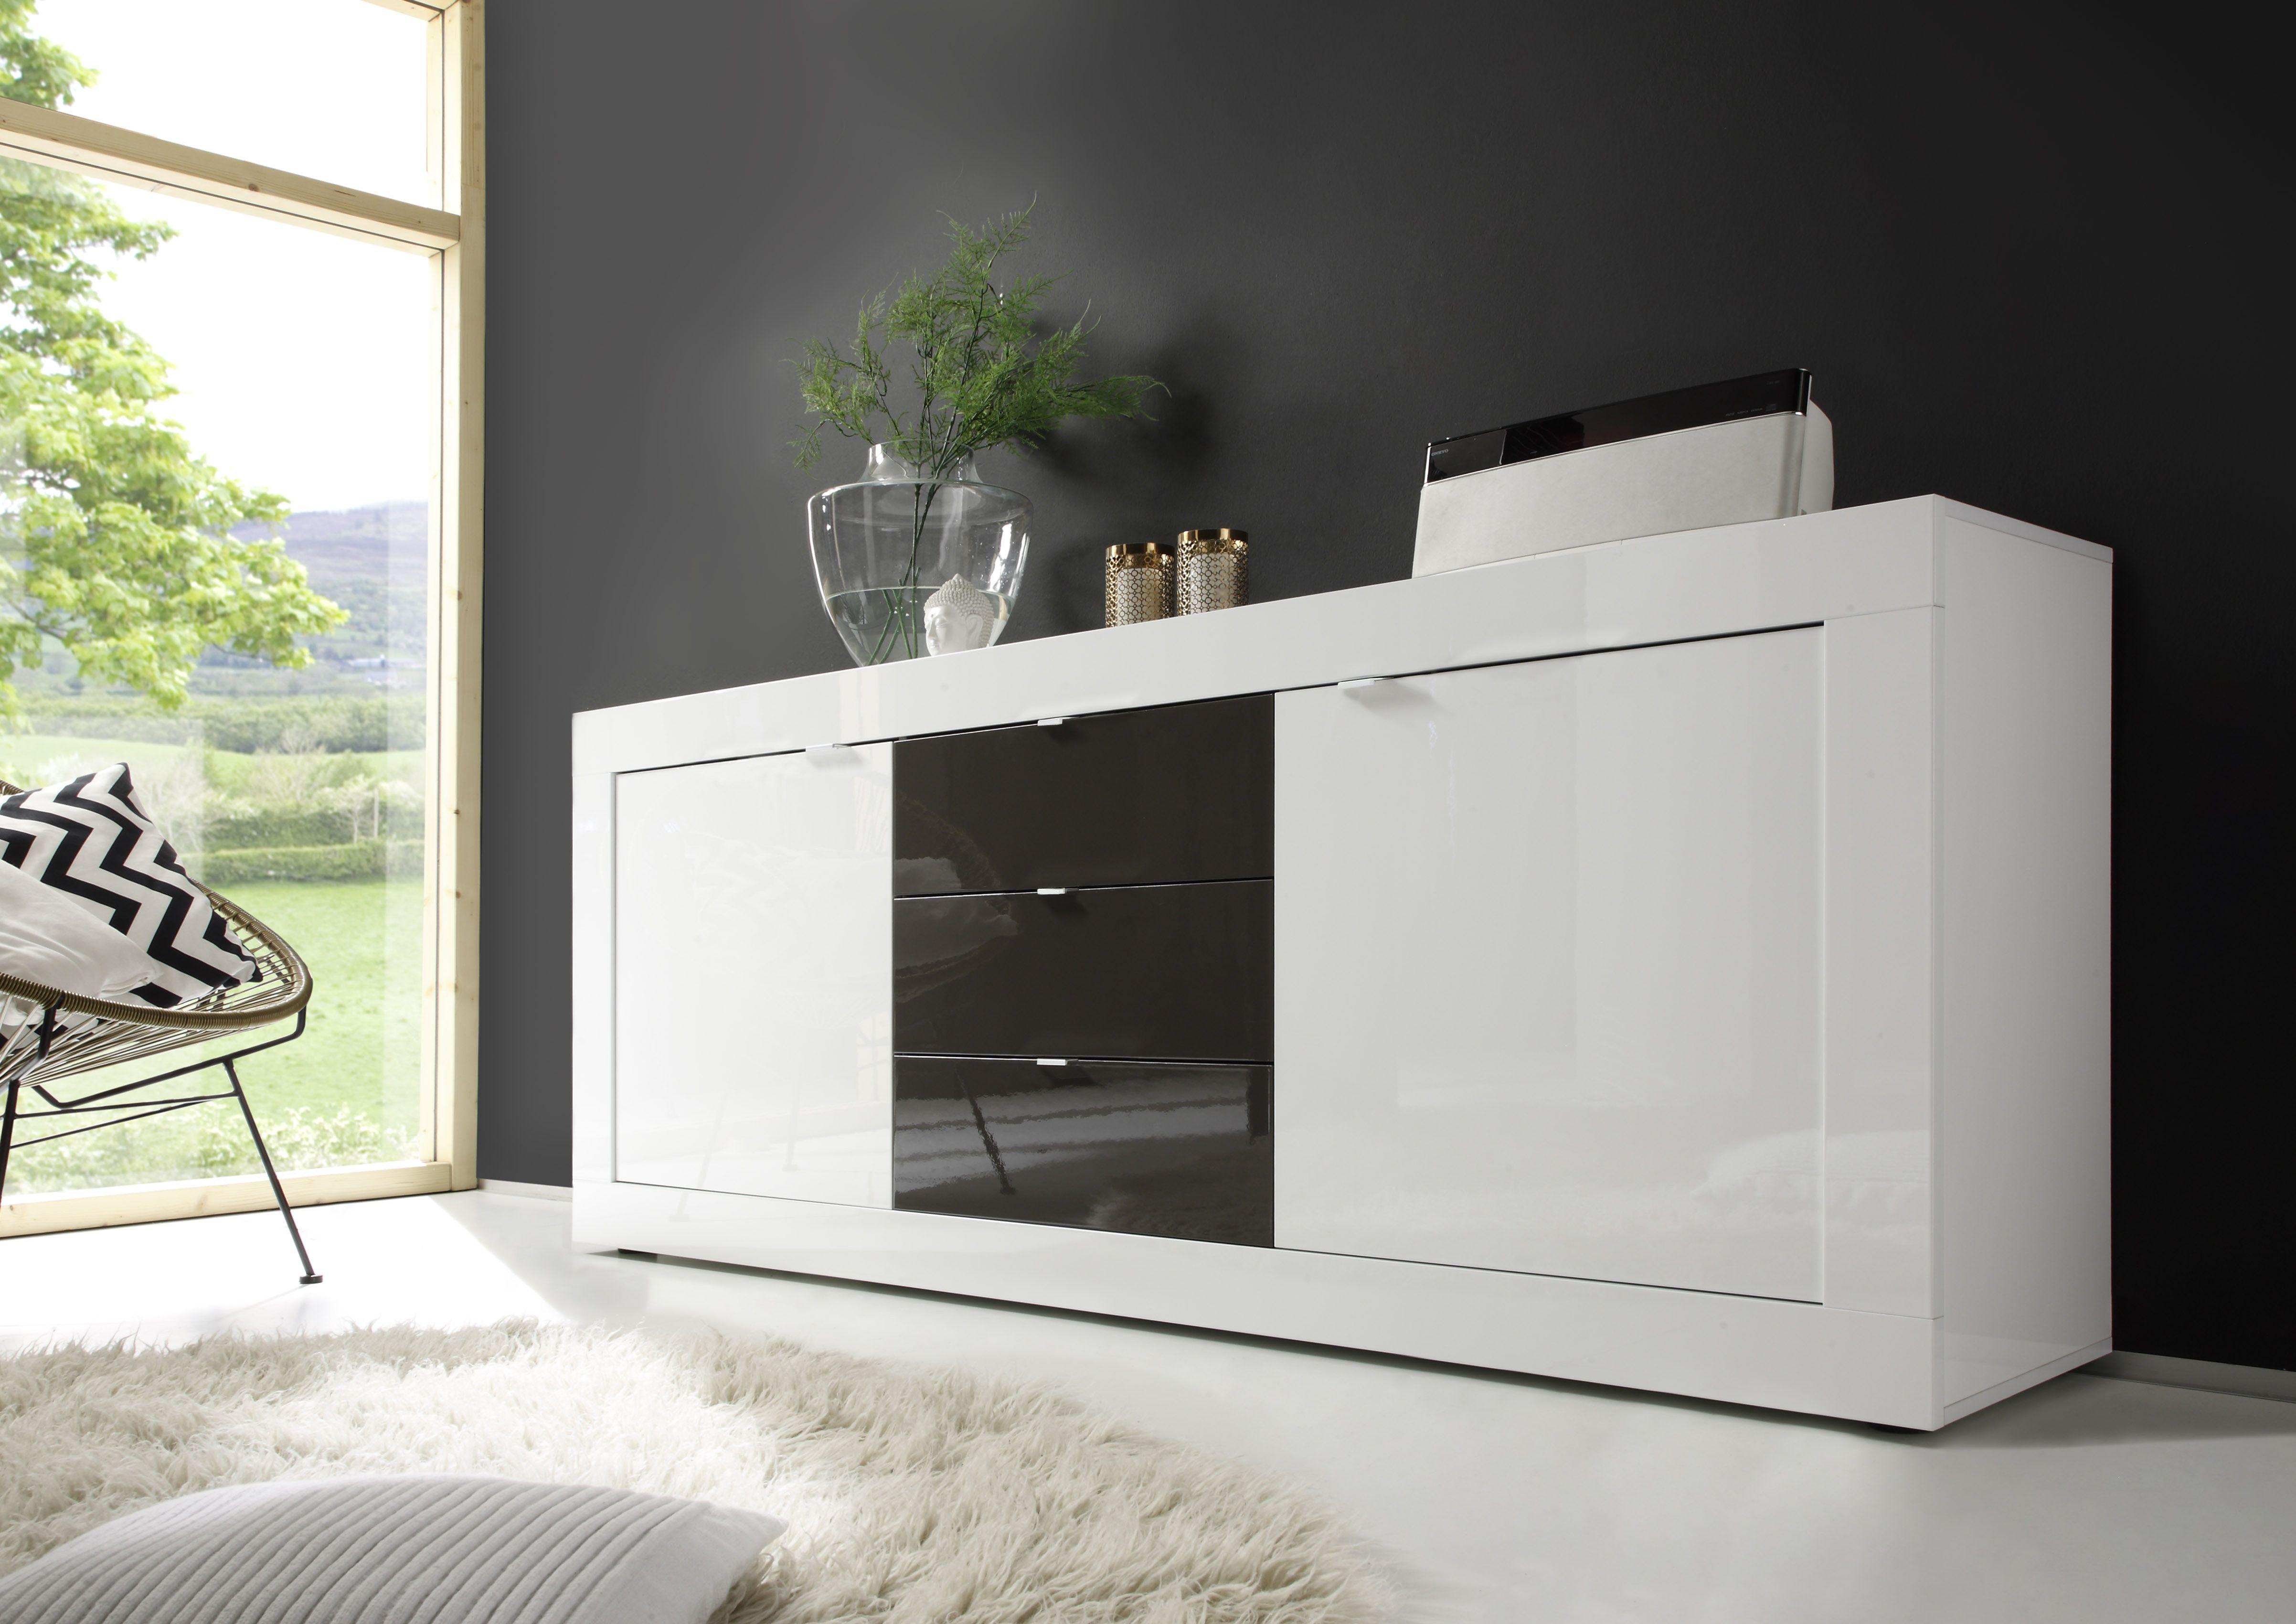 Highboard Wohnzimmer ~ Sideboard weiss anthrazit lack woody 12 00914 modern jetzt